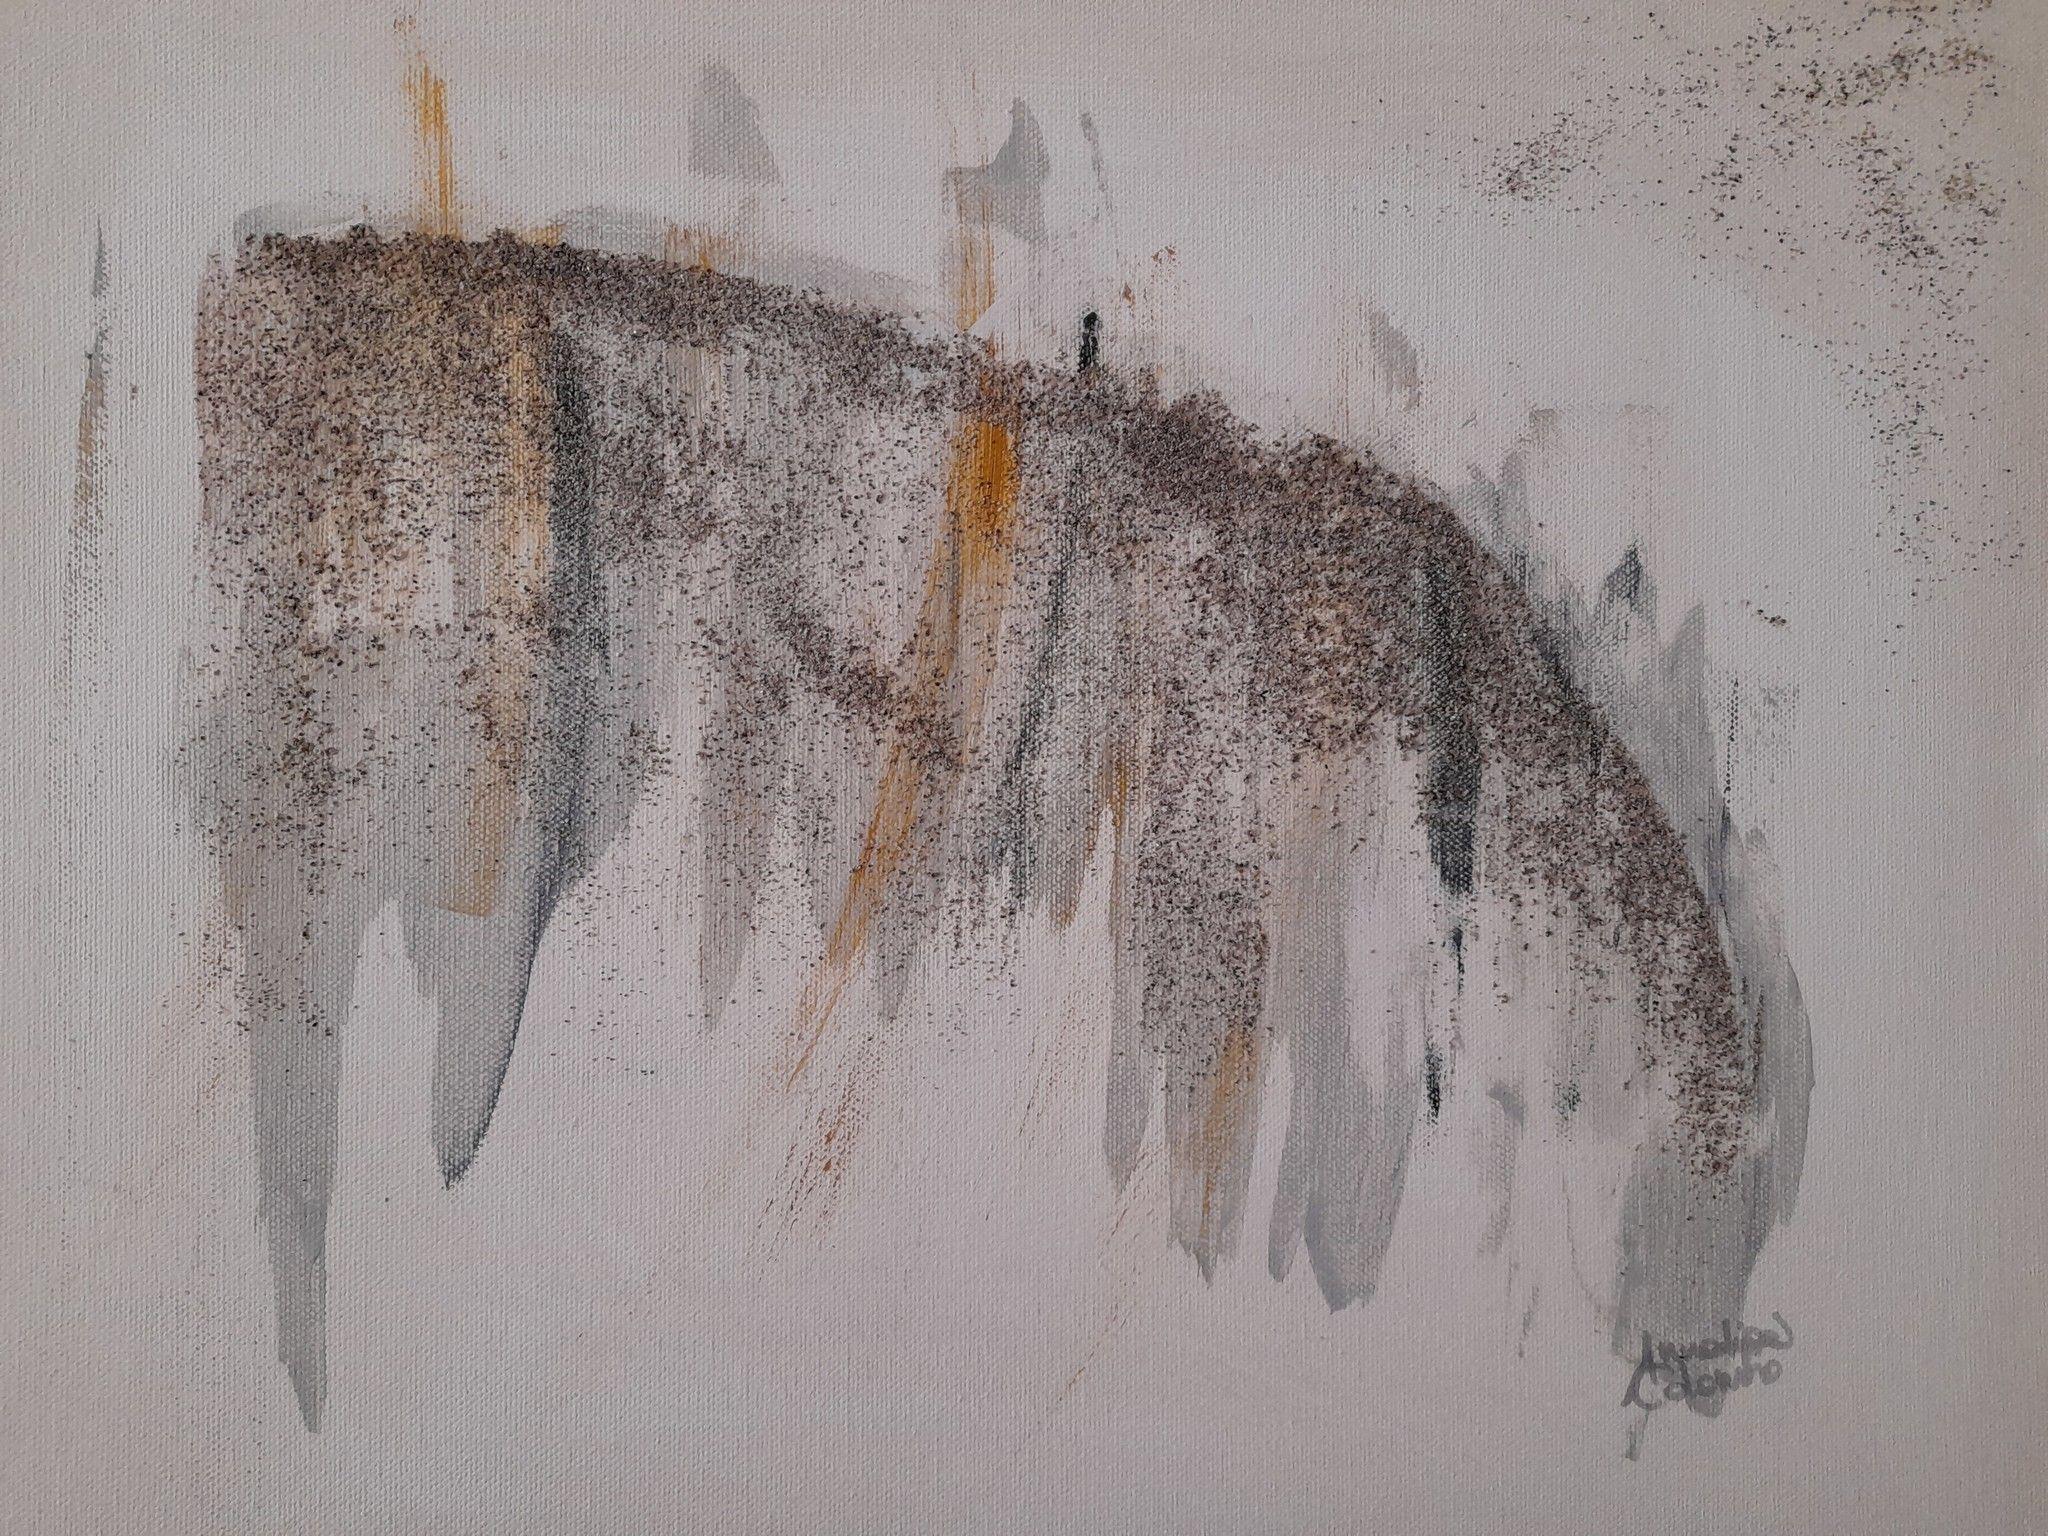 MIXED MEDIA  ANNALISA COLOMBO ' PAESAGGIO TRA LE NUVOLE 2 '  dimensioni L 50 x H 40 cm.